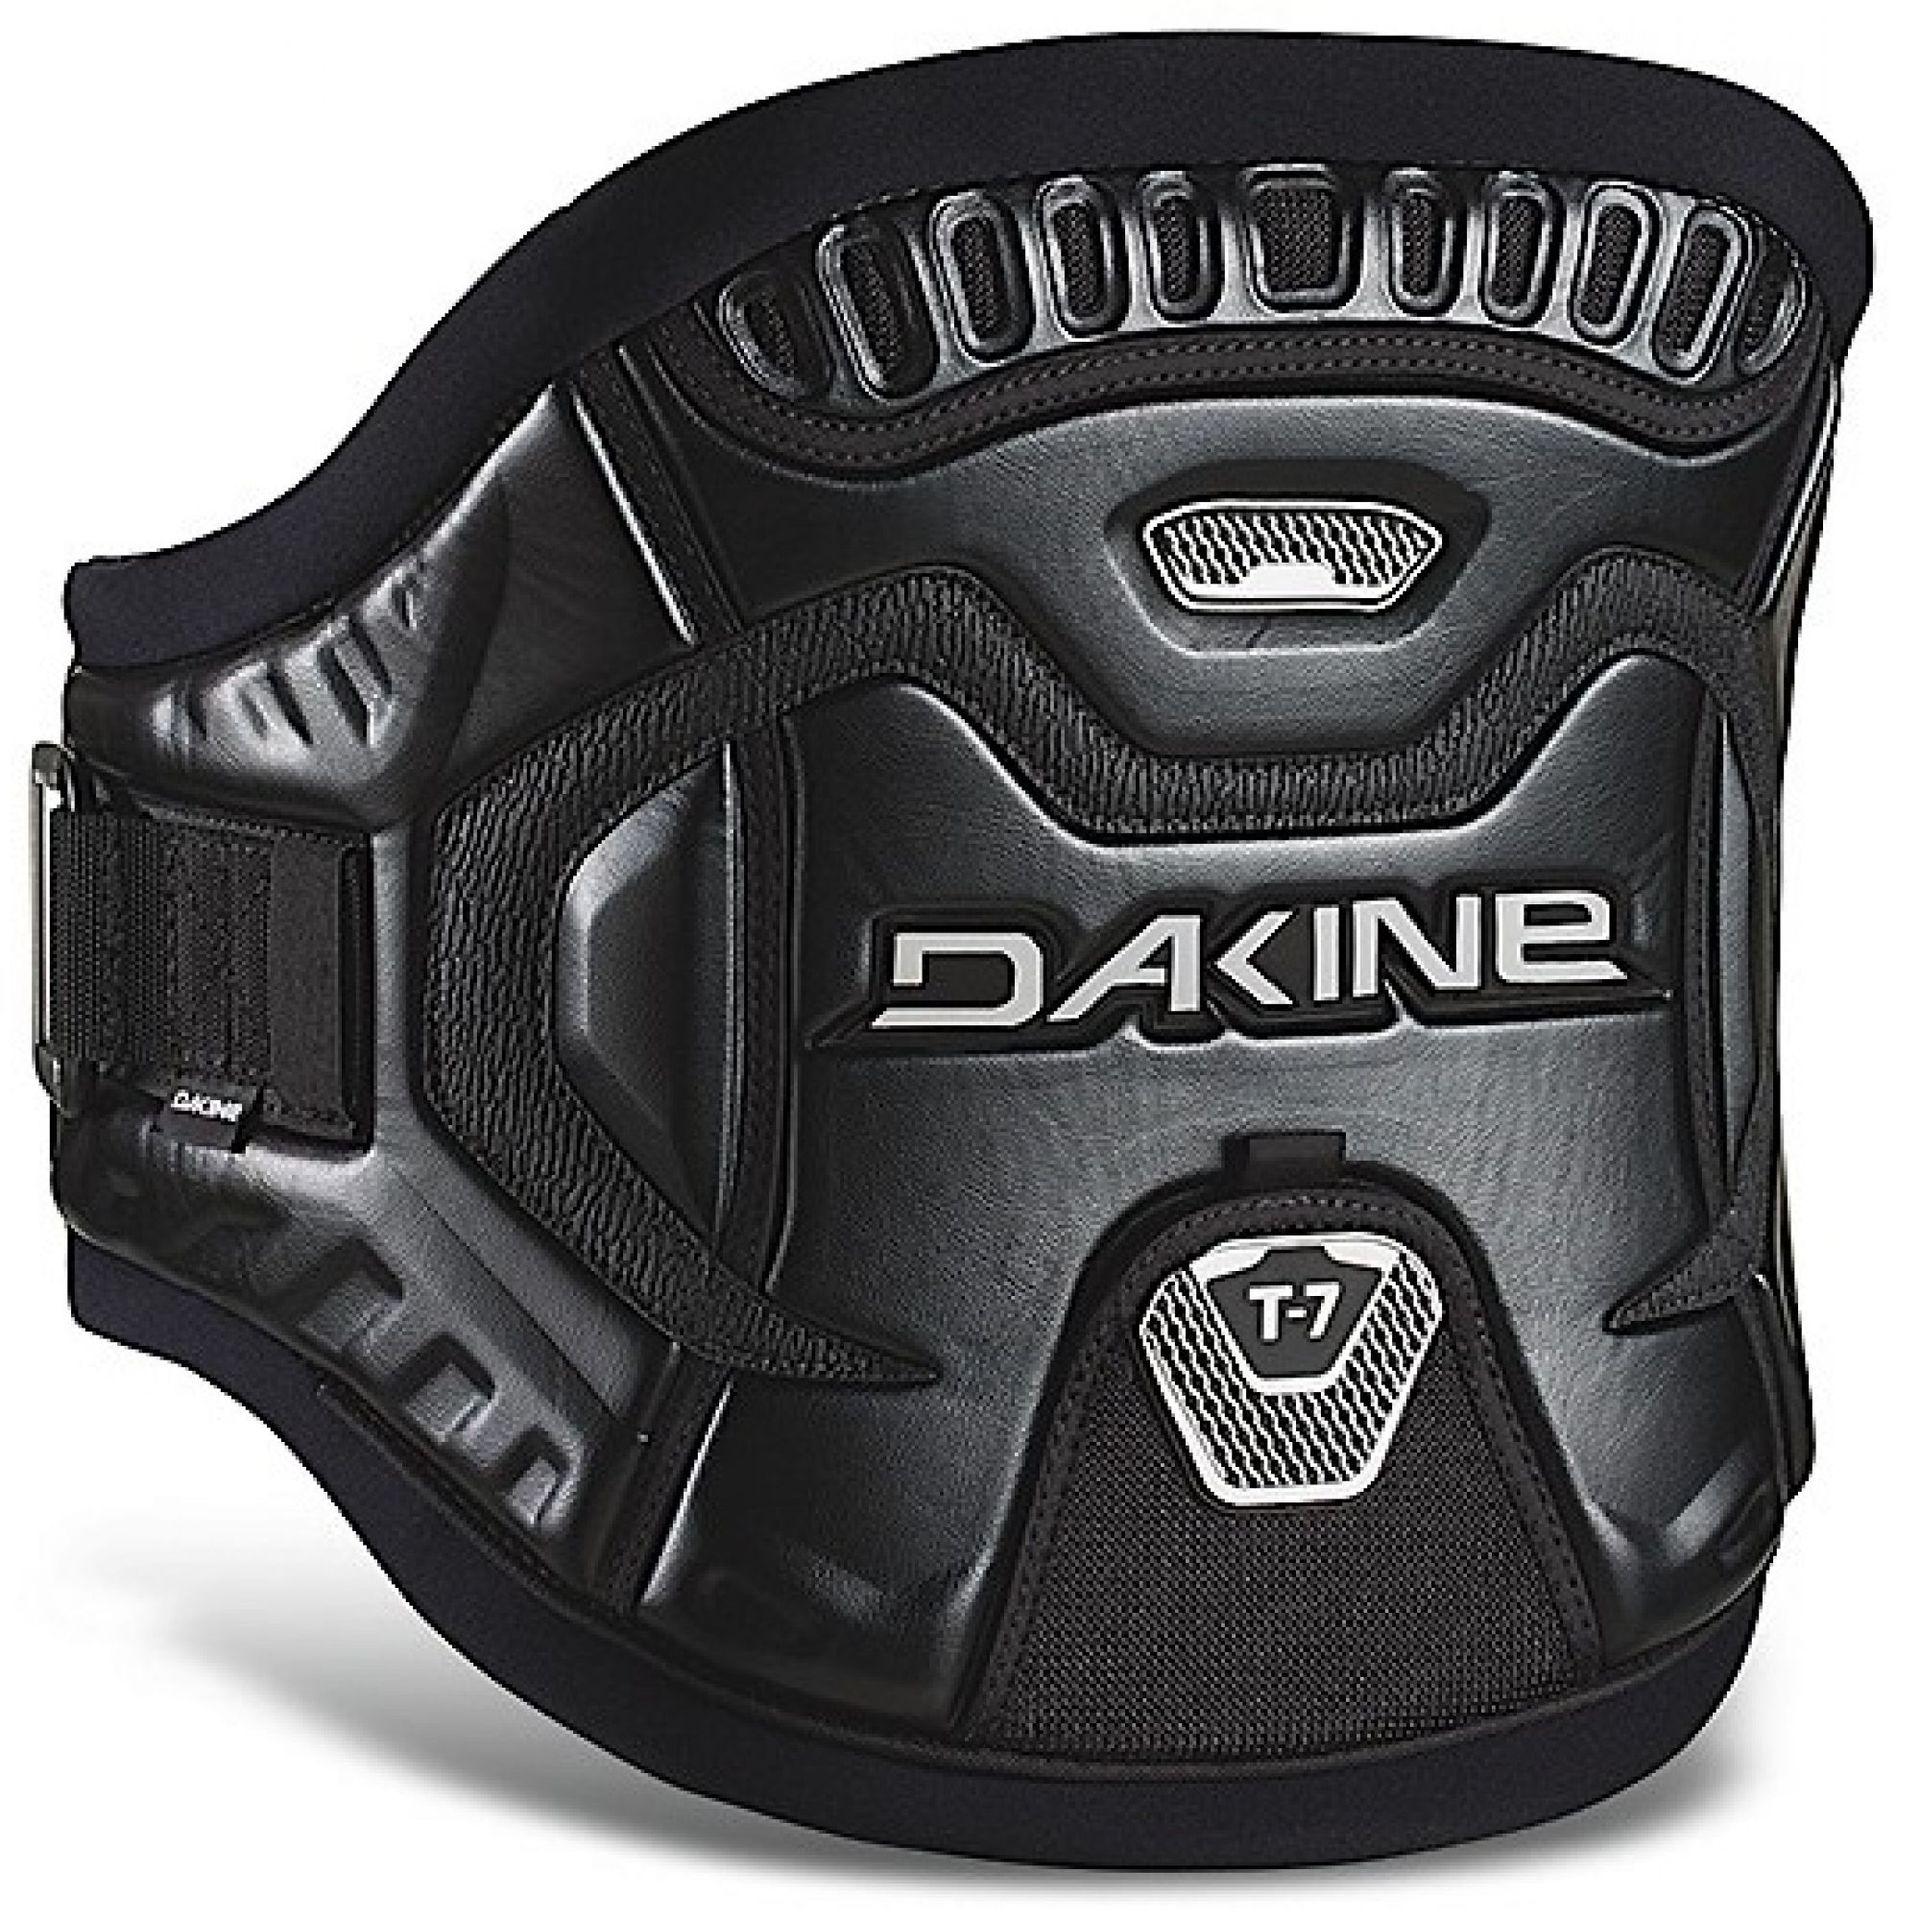 TRAPEZ WINDSURFINGOWY DAKINE T-7 BLACK